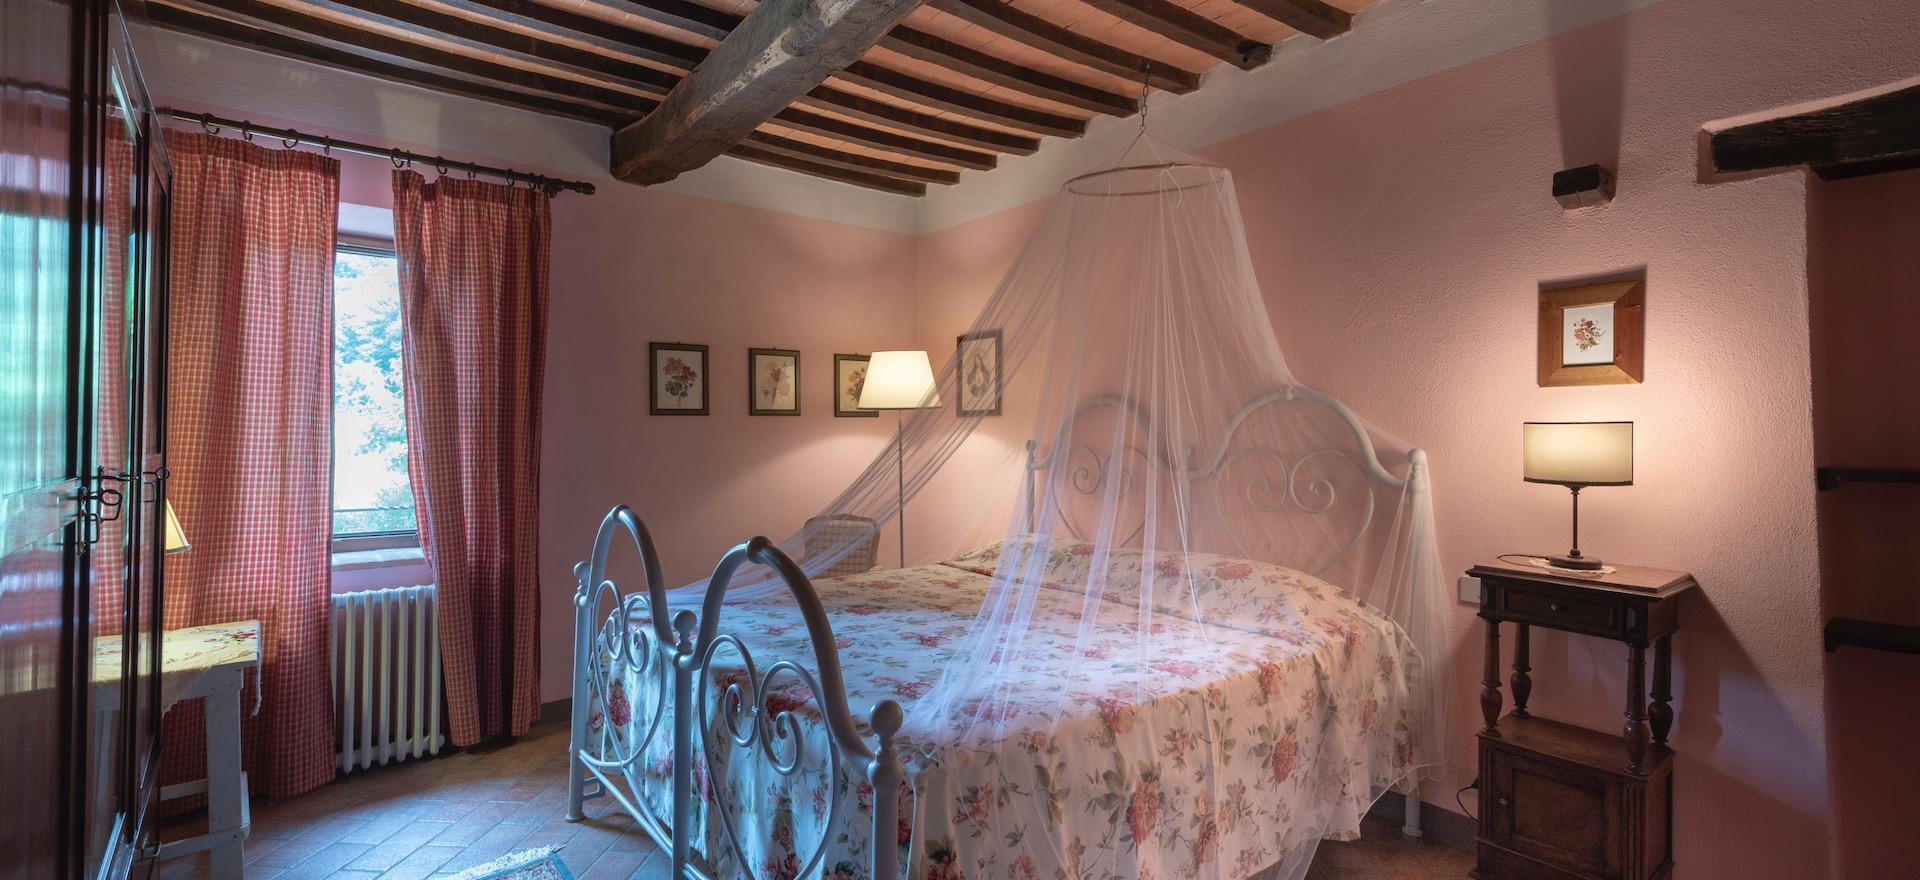 Agriturismo Toscane Agriturismo voor liefhebbers van natuur en cultuur in Toscane